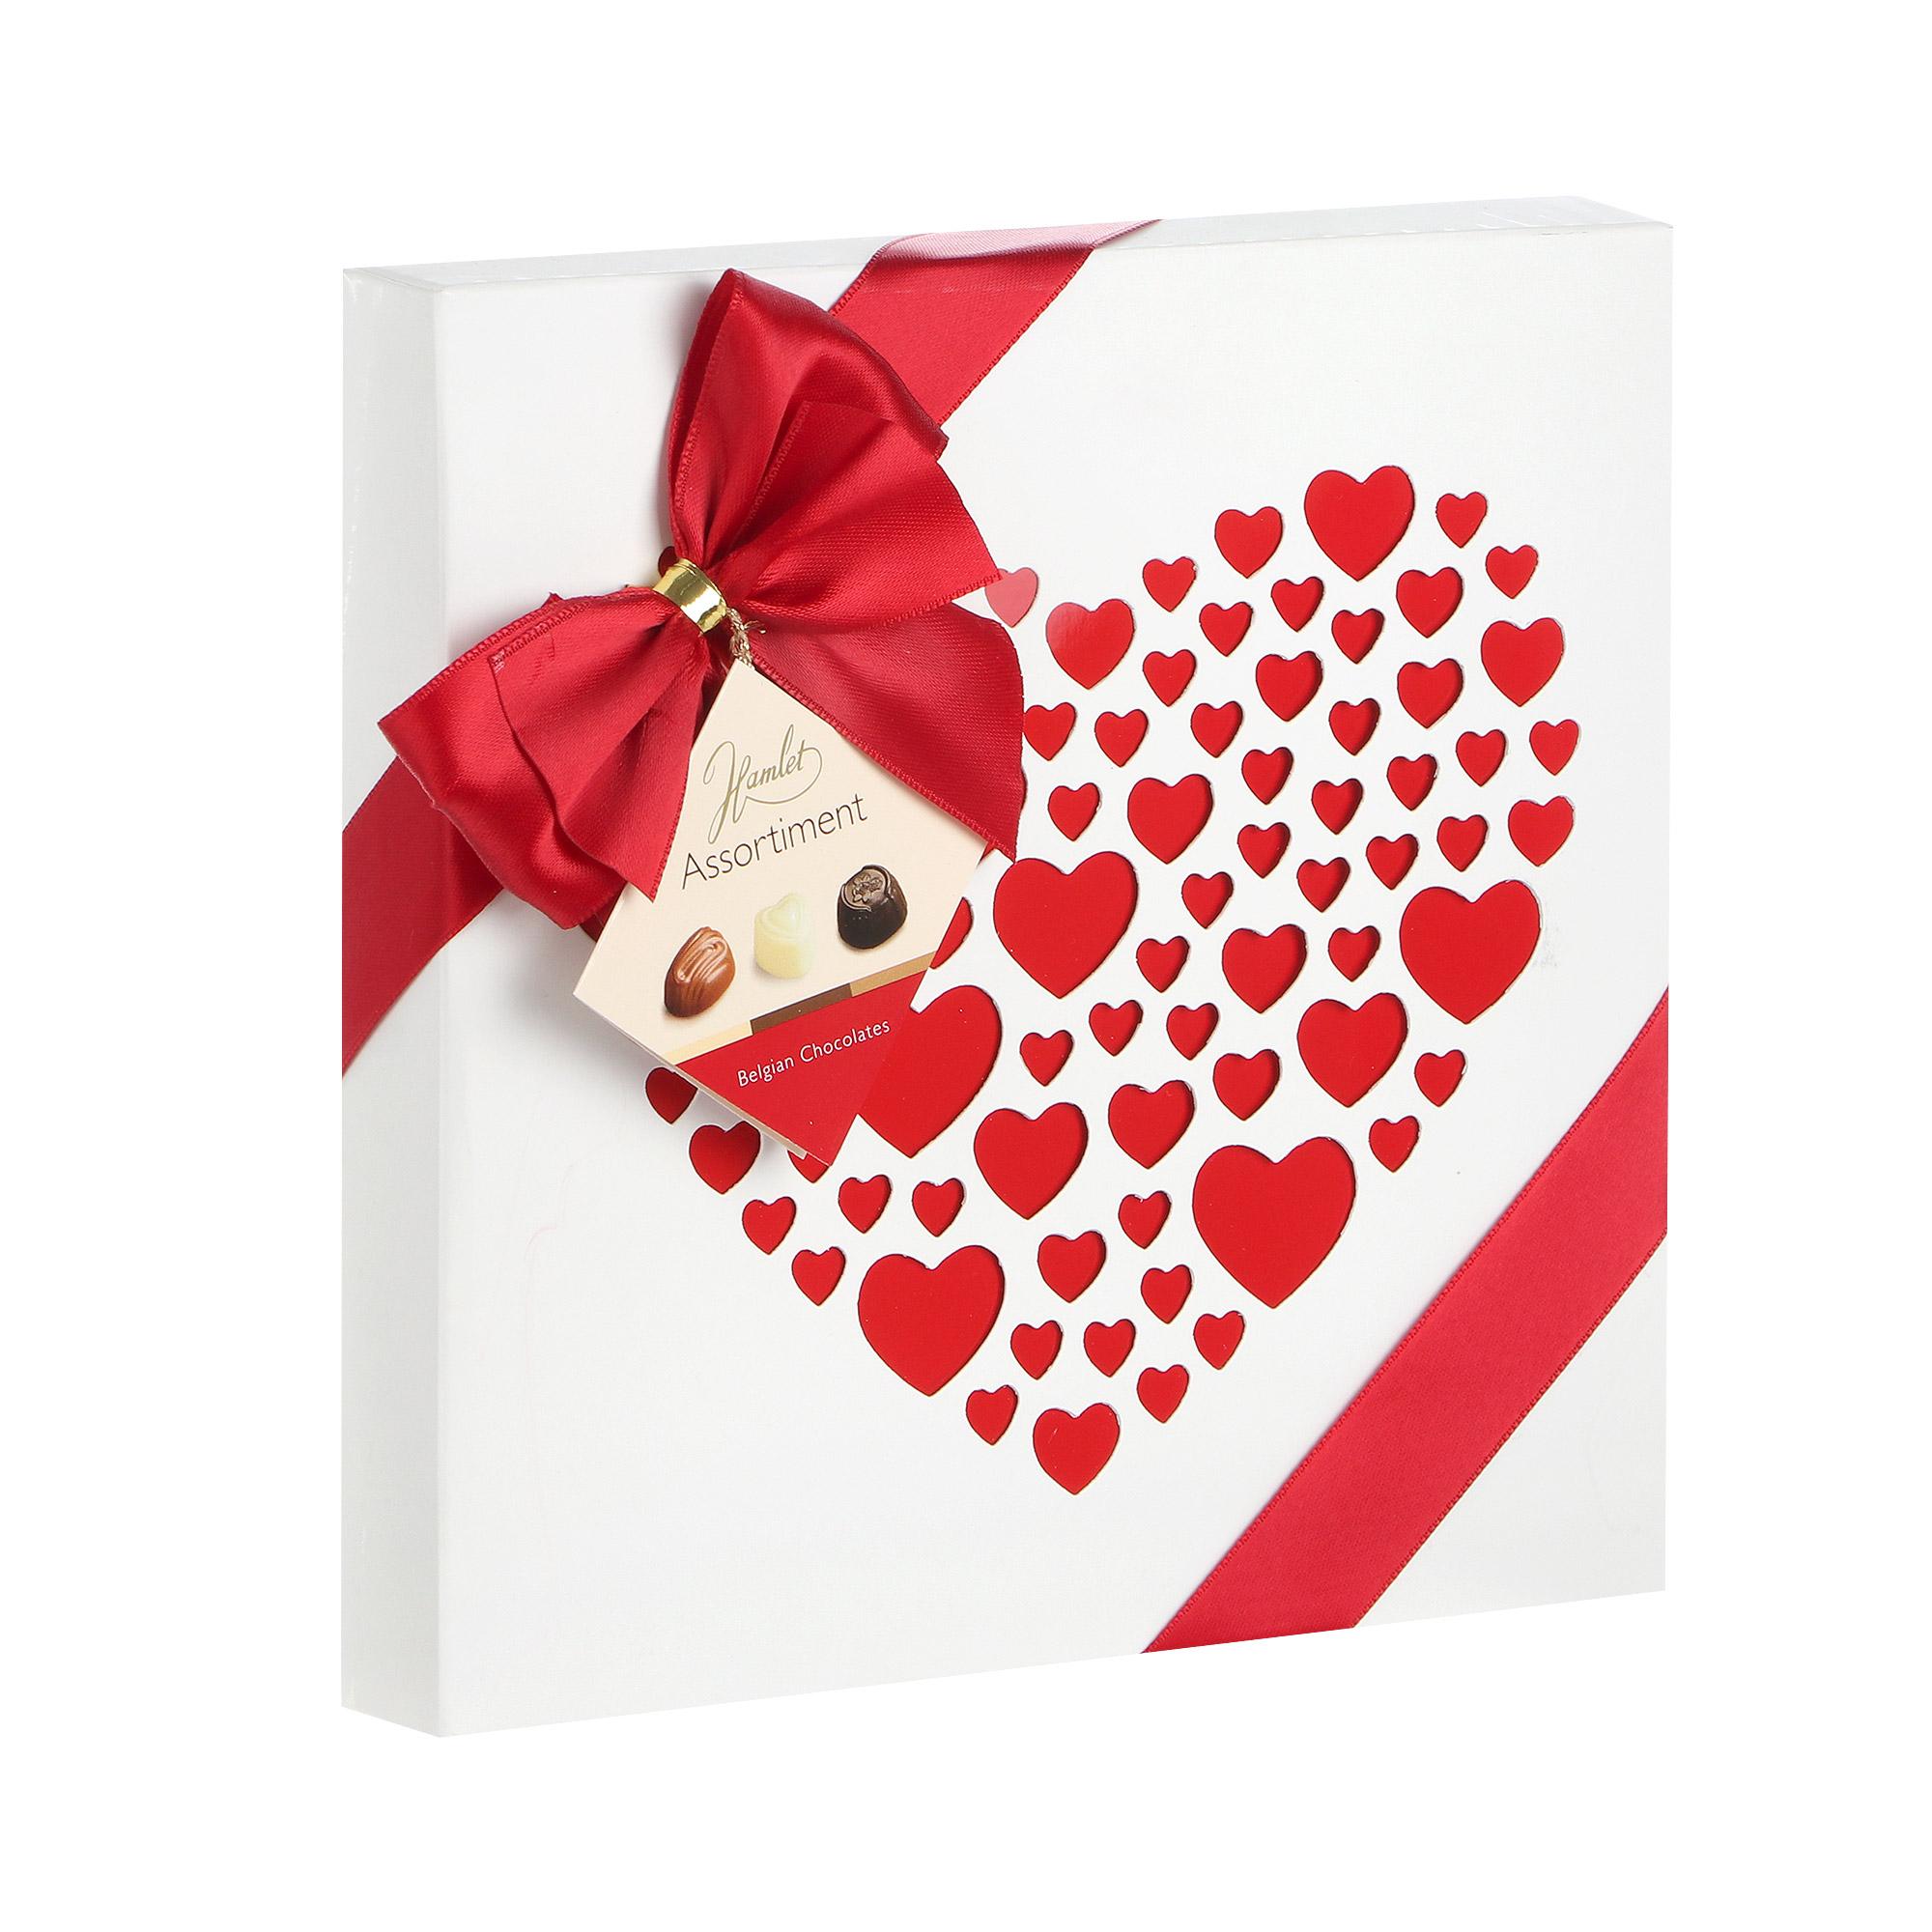 Конфеты шоколадные Hamlet Chocolates Heart 250 г фото